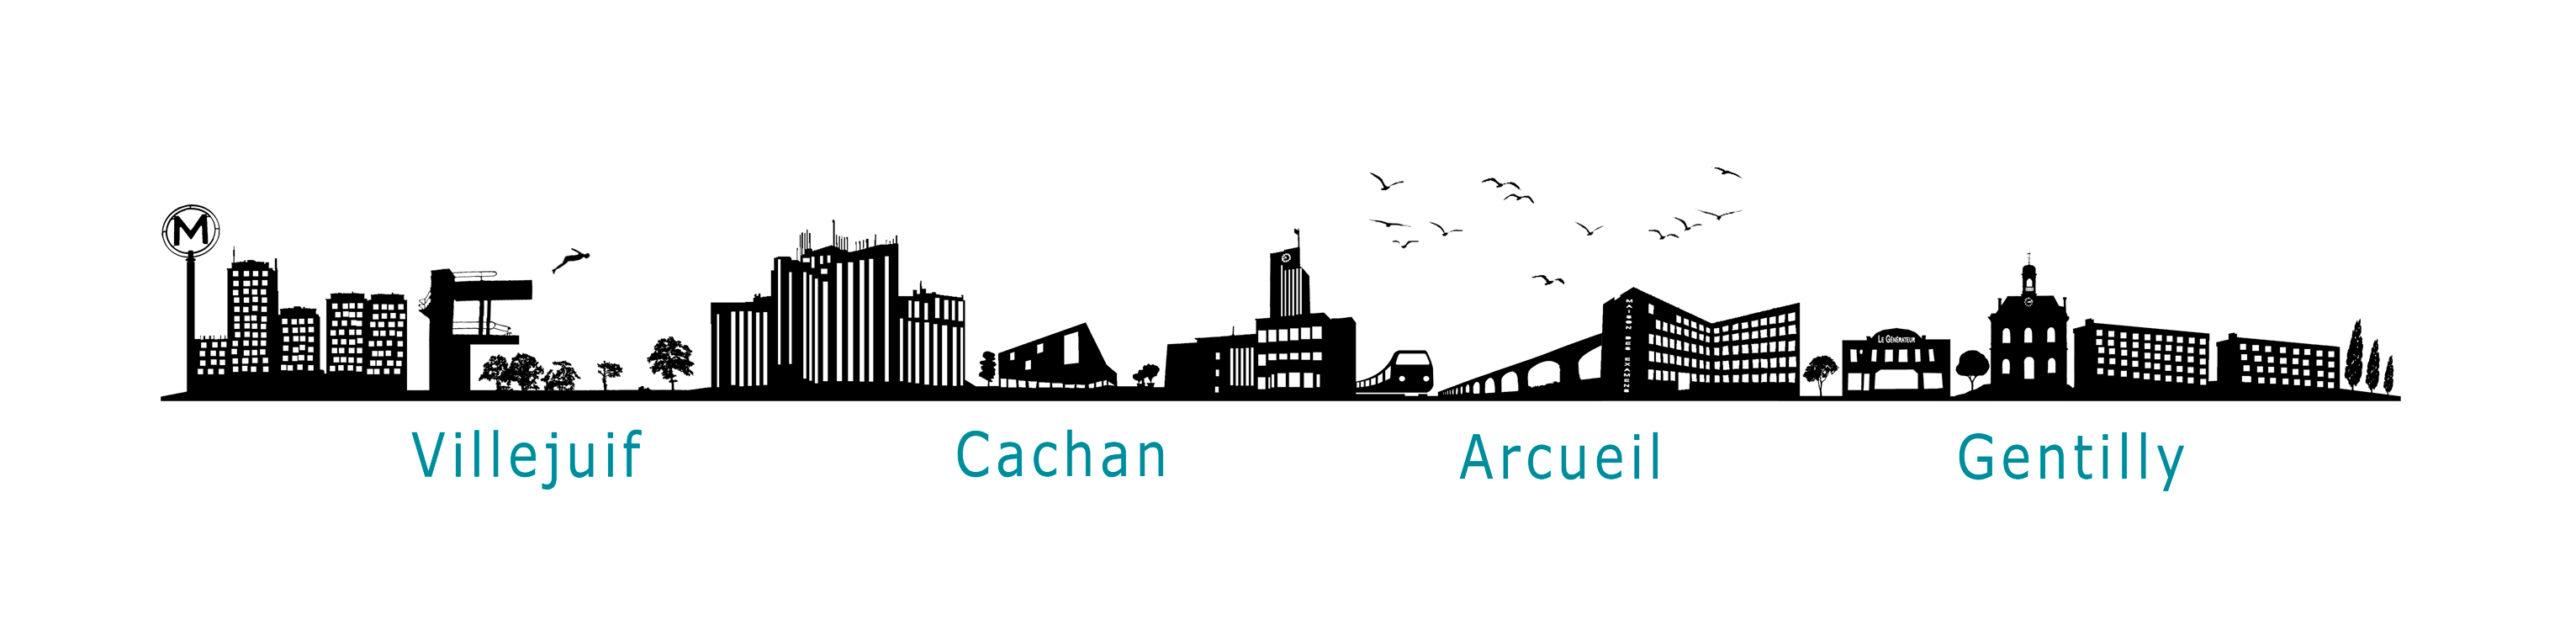 exemple creation graphique bandeau silhouette villes atelier photo gaya